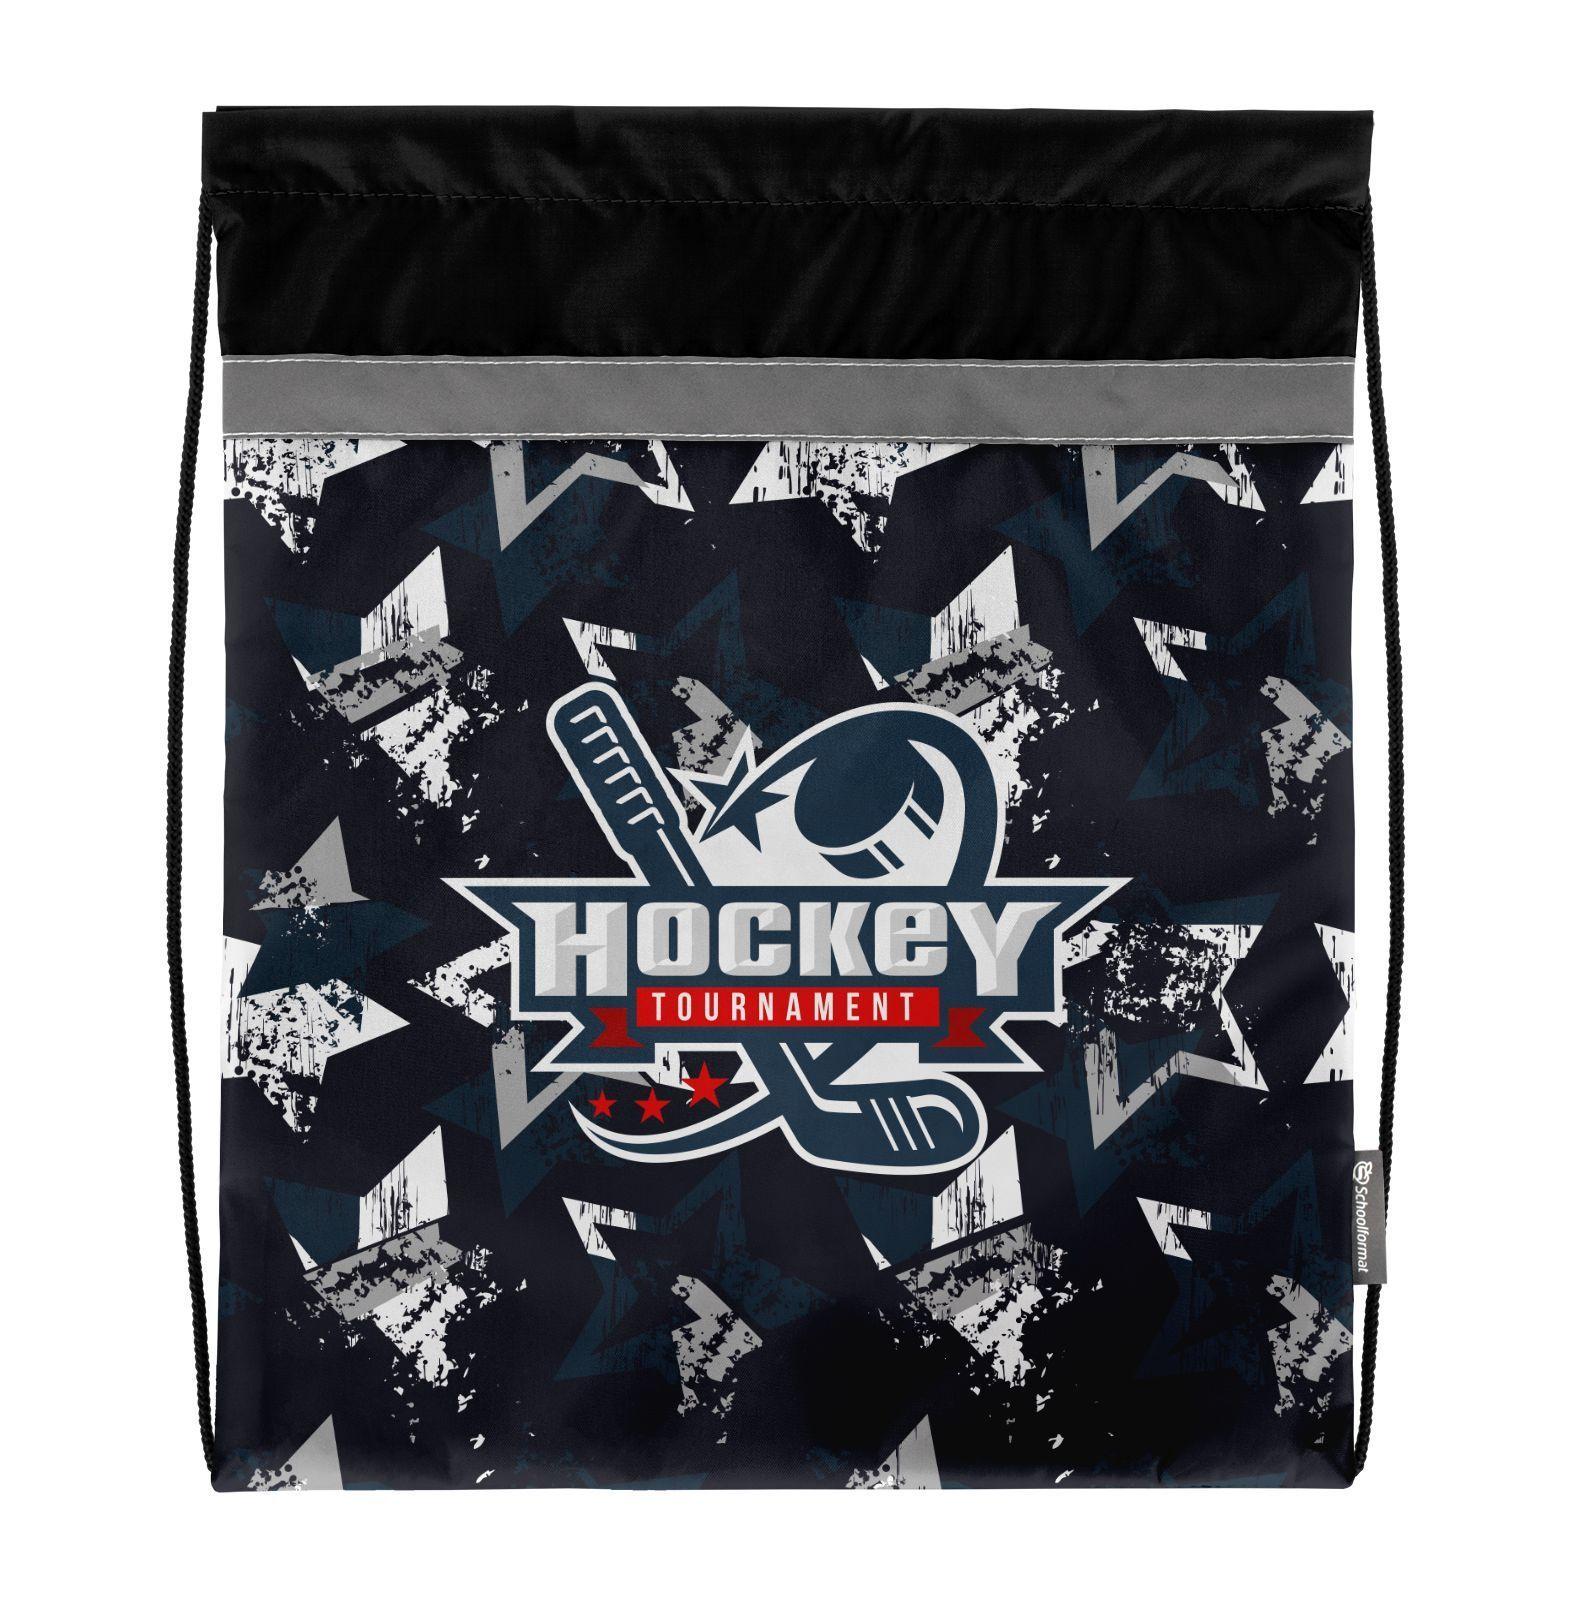 Мешок для обуви Schoolformat стандартный, 42х34, серия Wild hockey